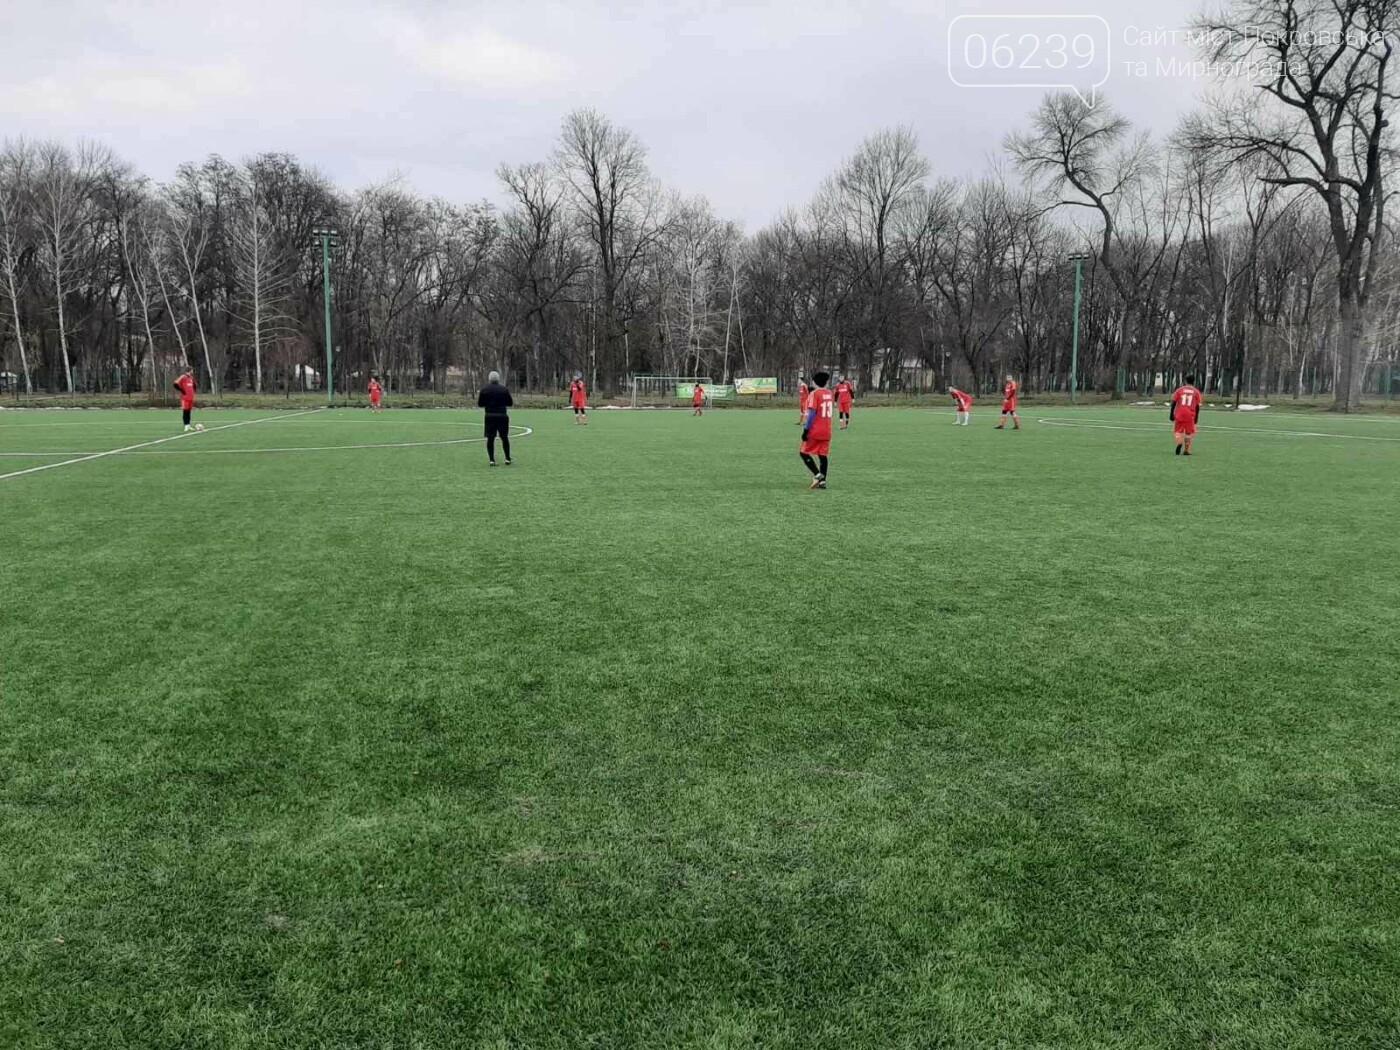 Первый блин всегда комом: ФК «Мирноград» уступил в стартовом матче зимнего первенства области по футболу, фото-4